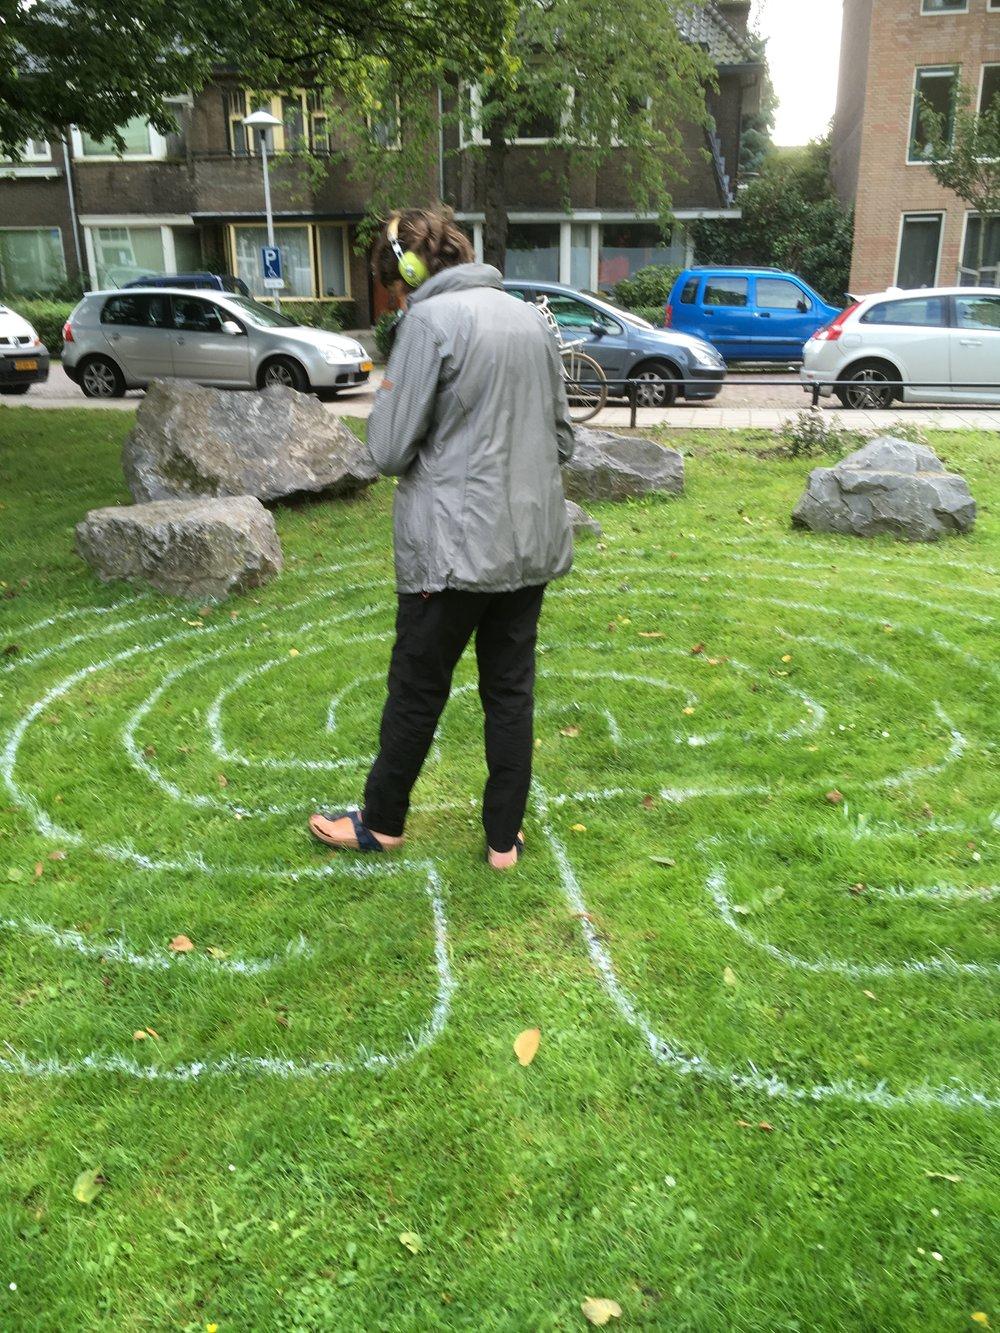 tijdelijk Labyrint - tijdens het ZON-festival in Zuilen in 2017 legde ik een tijdelijk labyrint neer op het gazon voor het Vorstelijk Complex. Ingebed in de een kring van enorme basaltblokken meanderden de lijnen van dit eeuwenoude symbool en trok de nodige nieuwsgierigen.